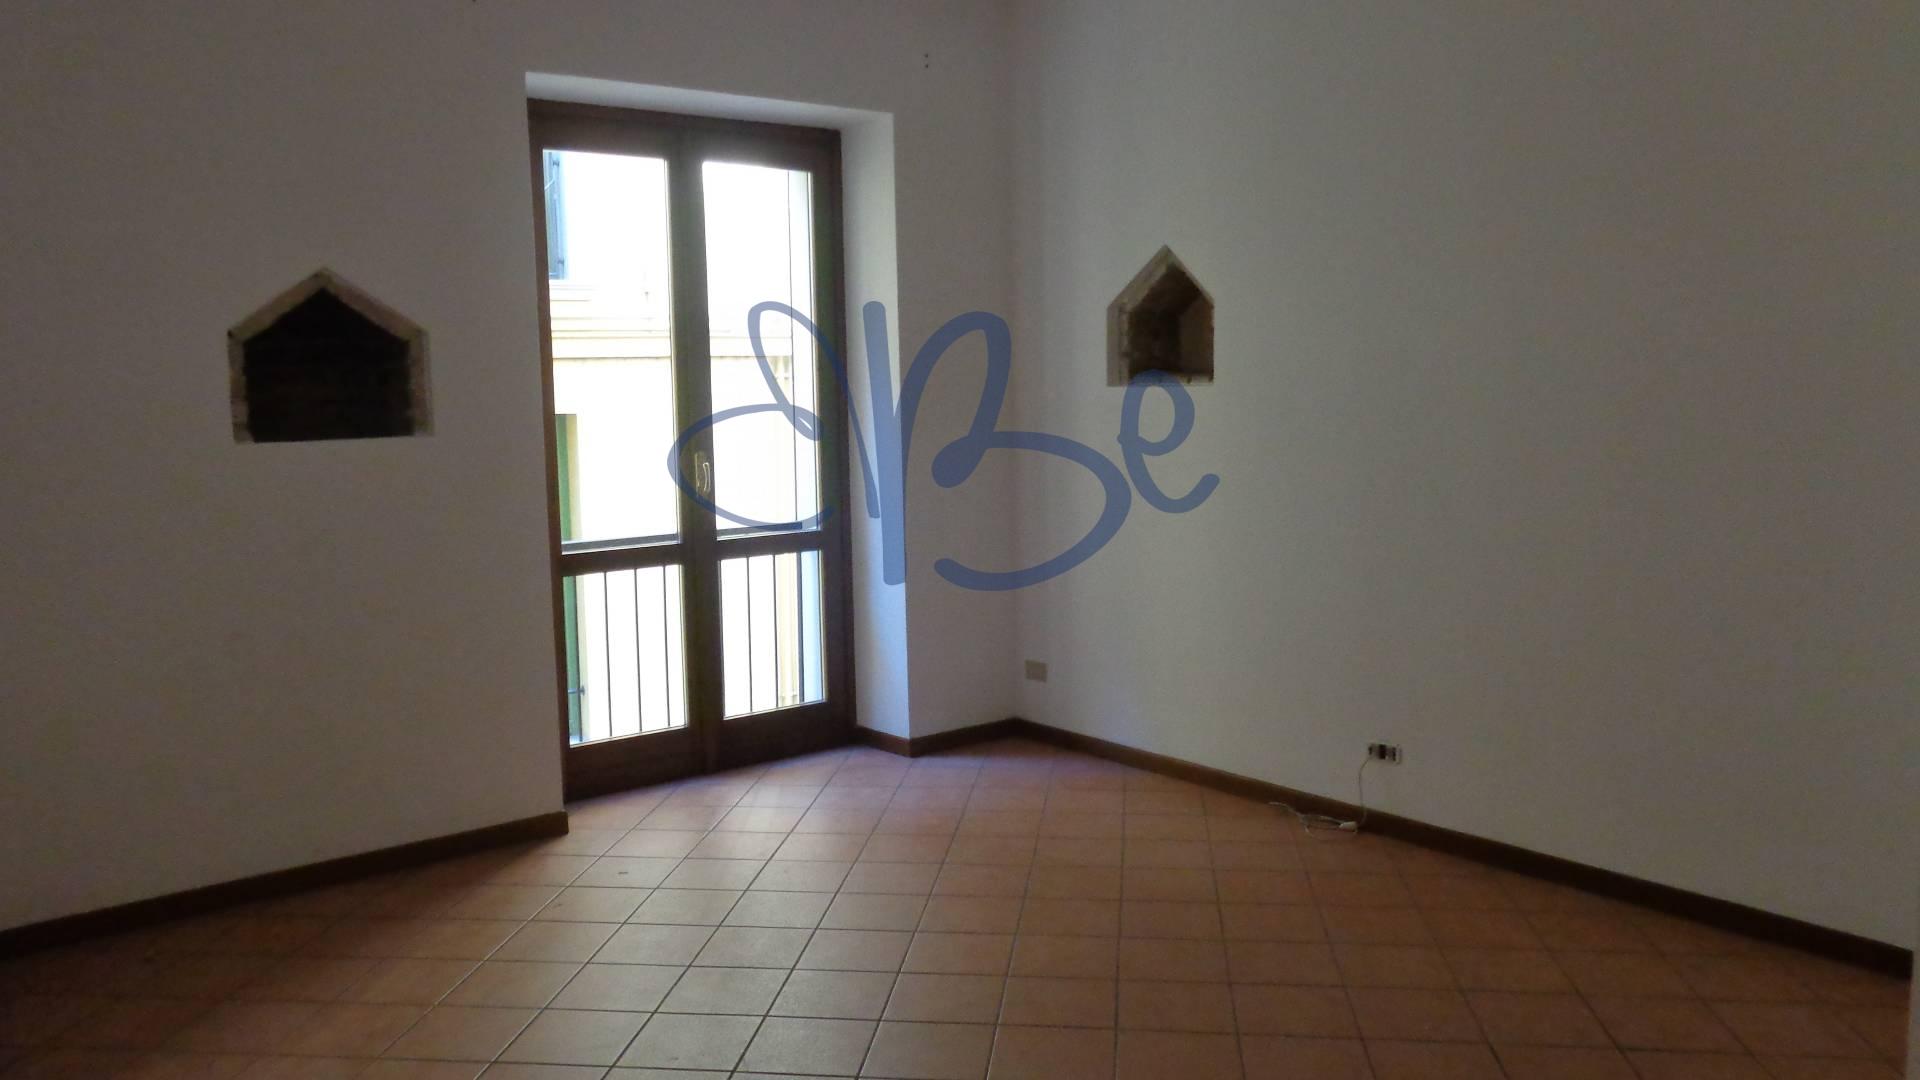 Appartamento in affitto a Salò, 3 locali, zona Località: Salò-Centro, prezzo € 500 | CambioCasa.it